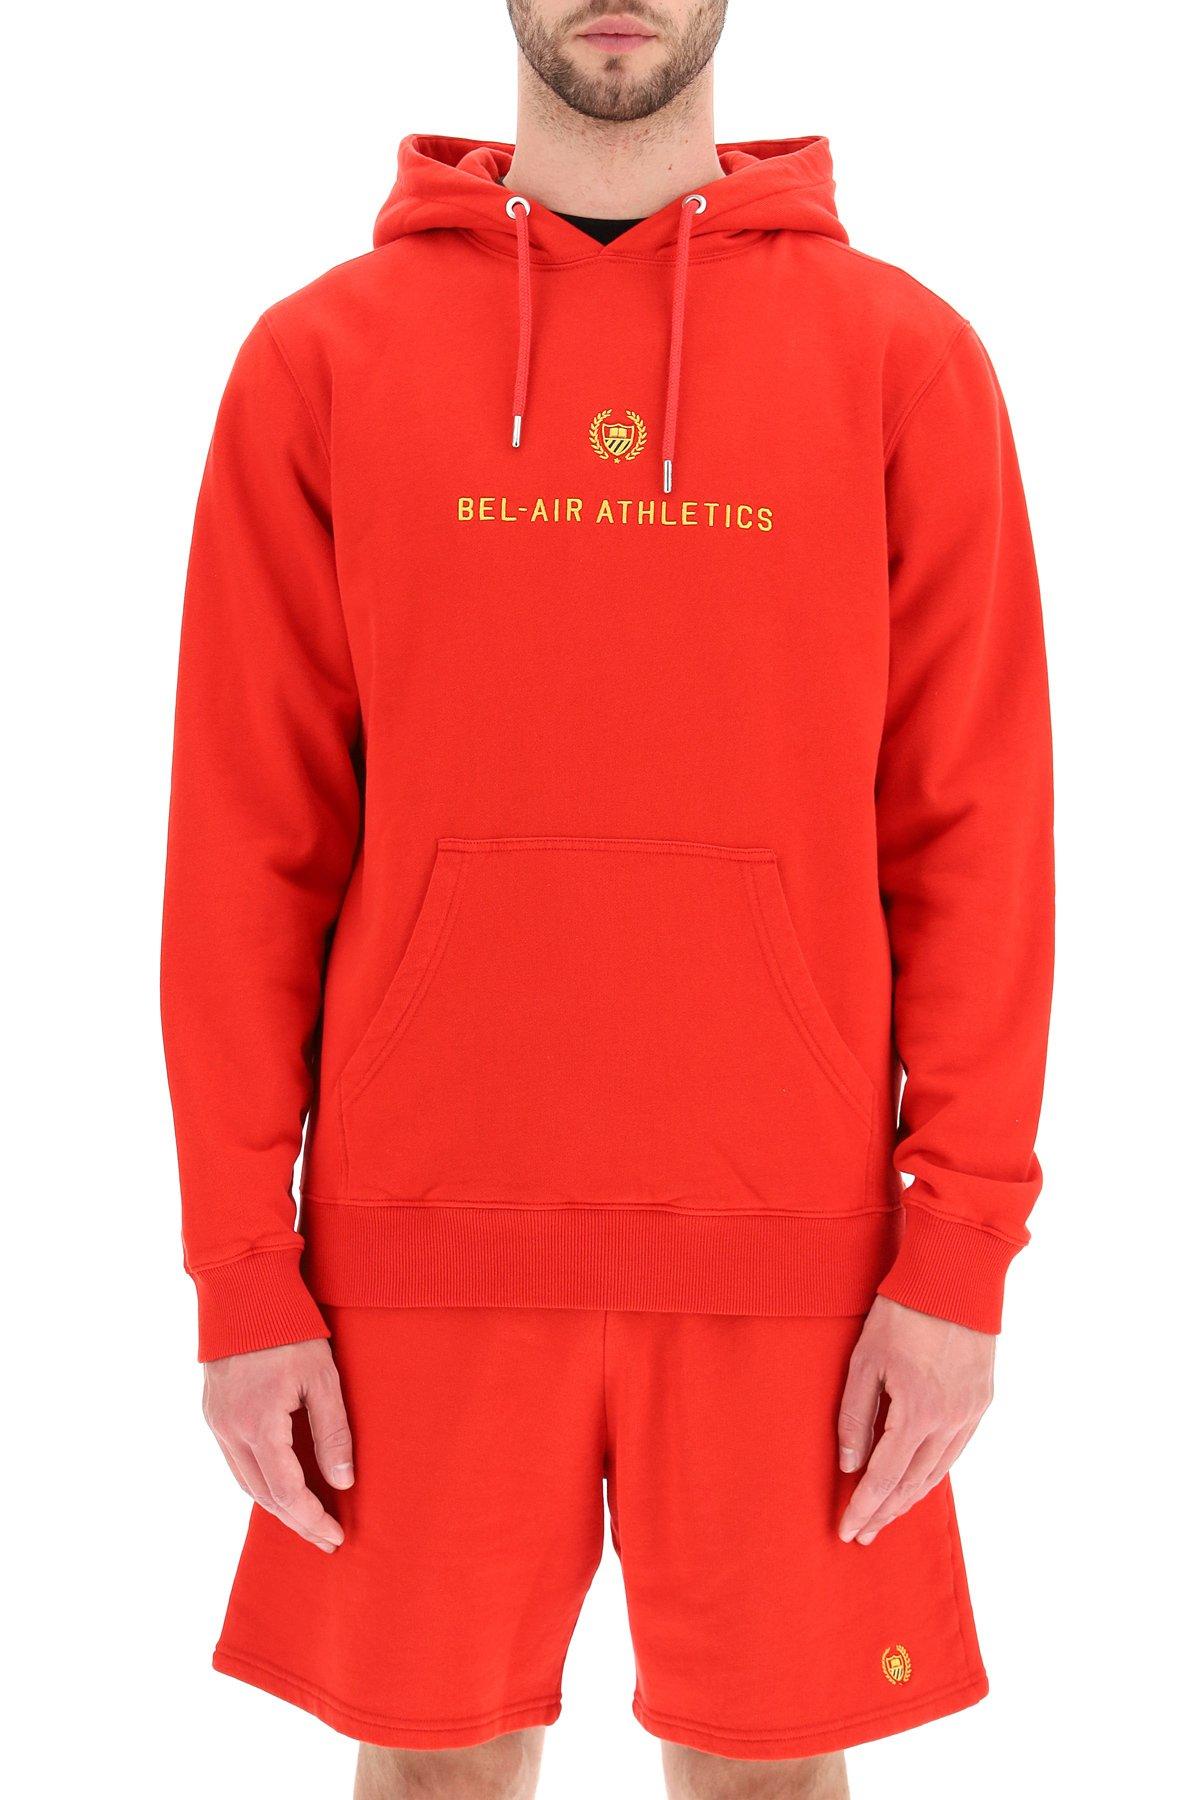 Bel-air athletics felpa con cappuccio academy crest